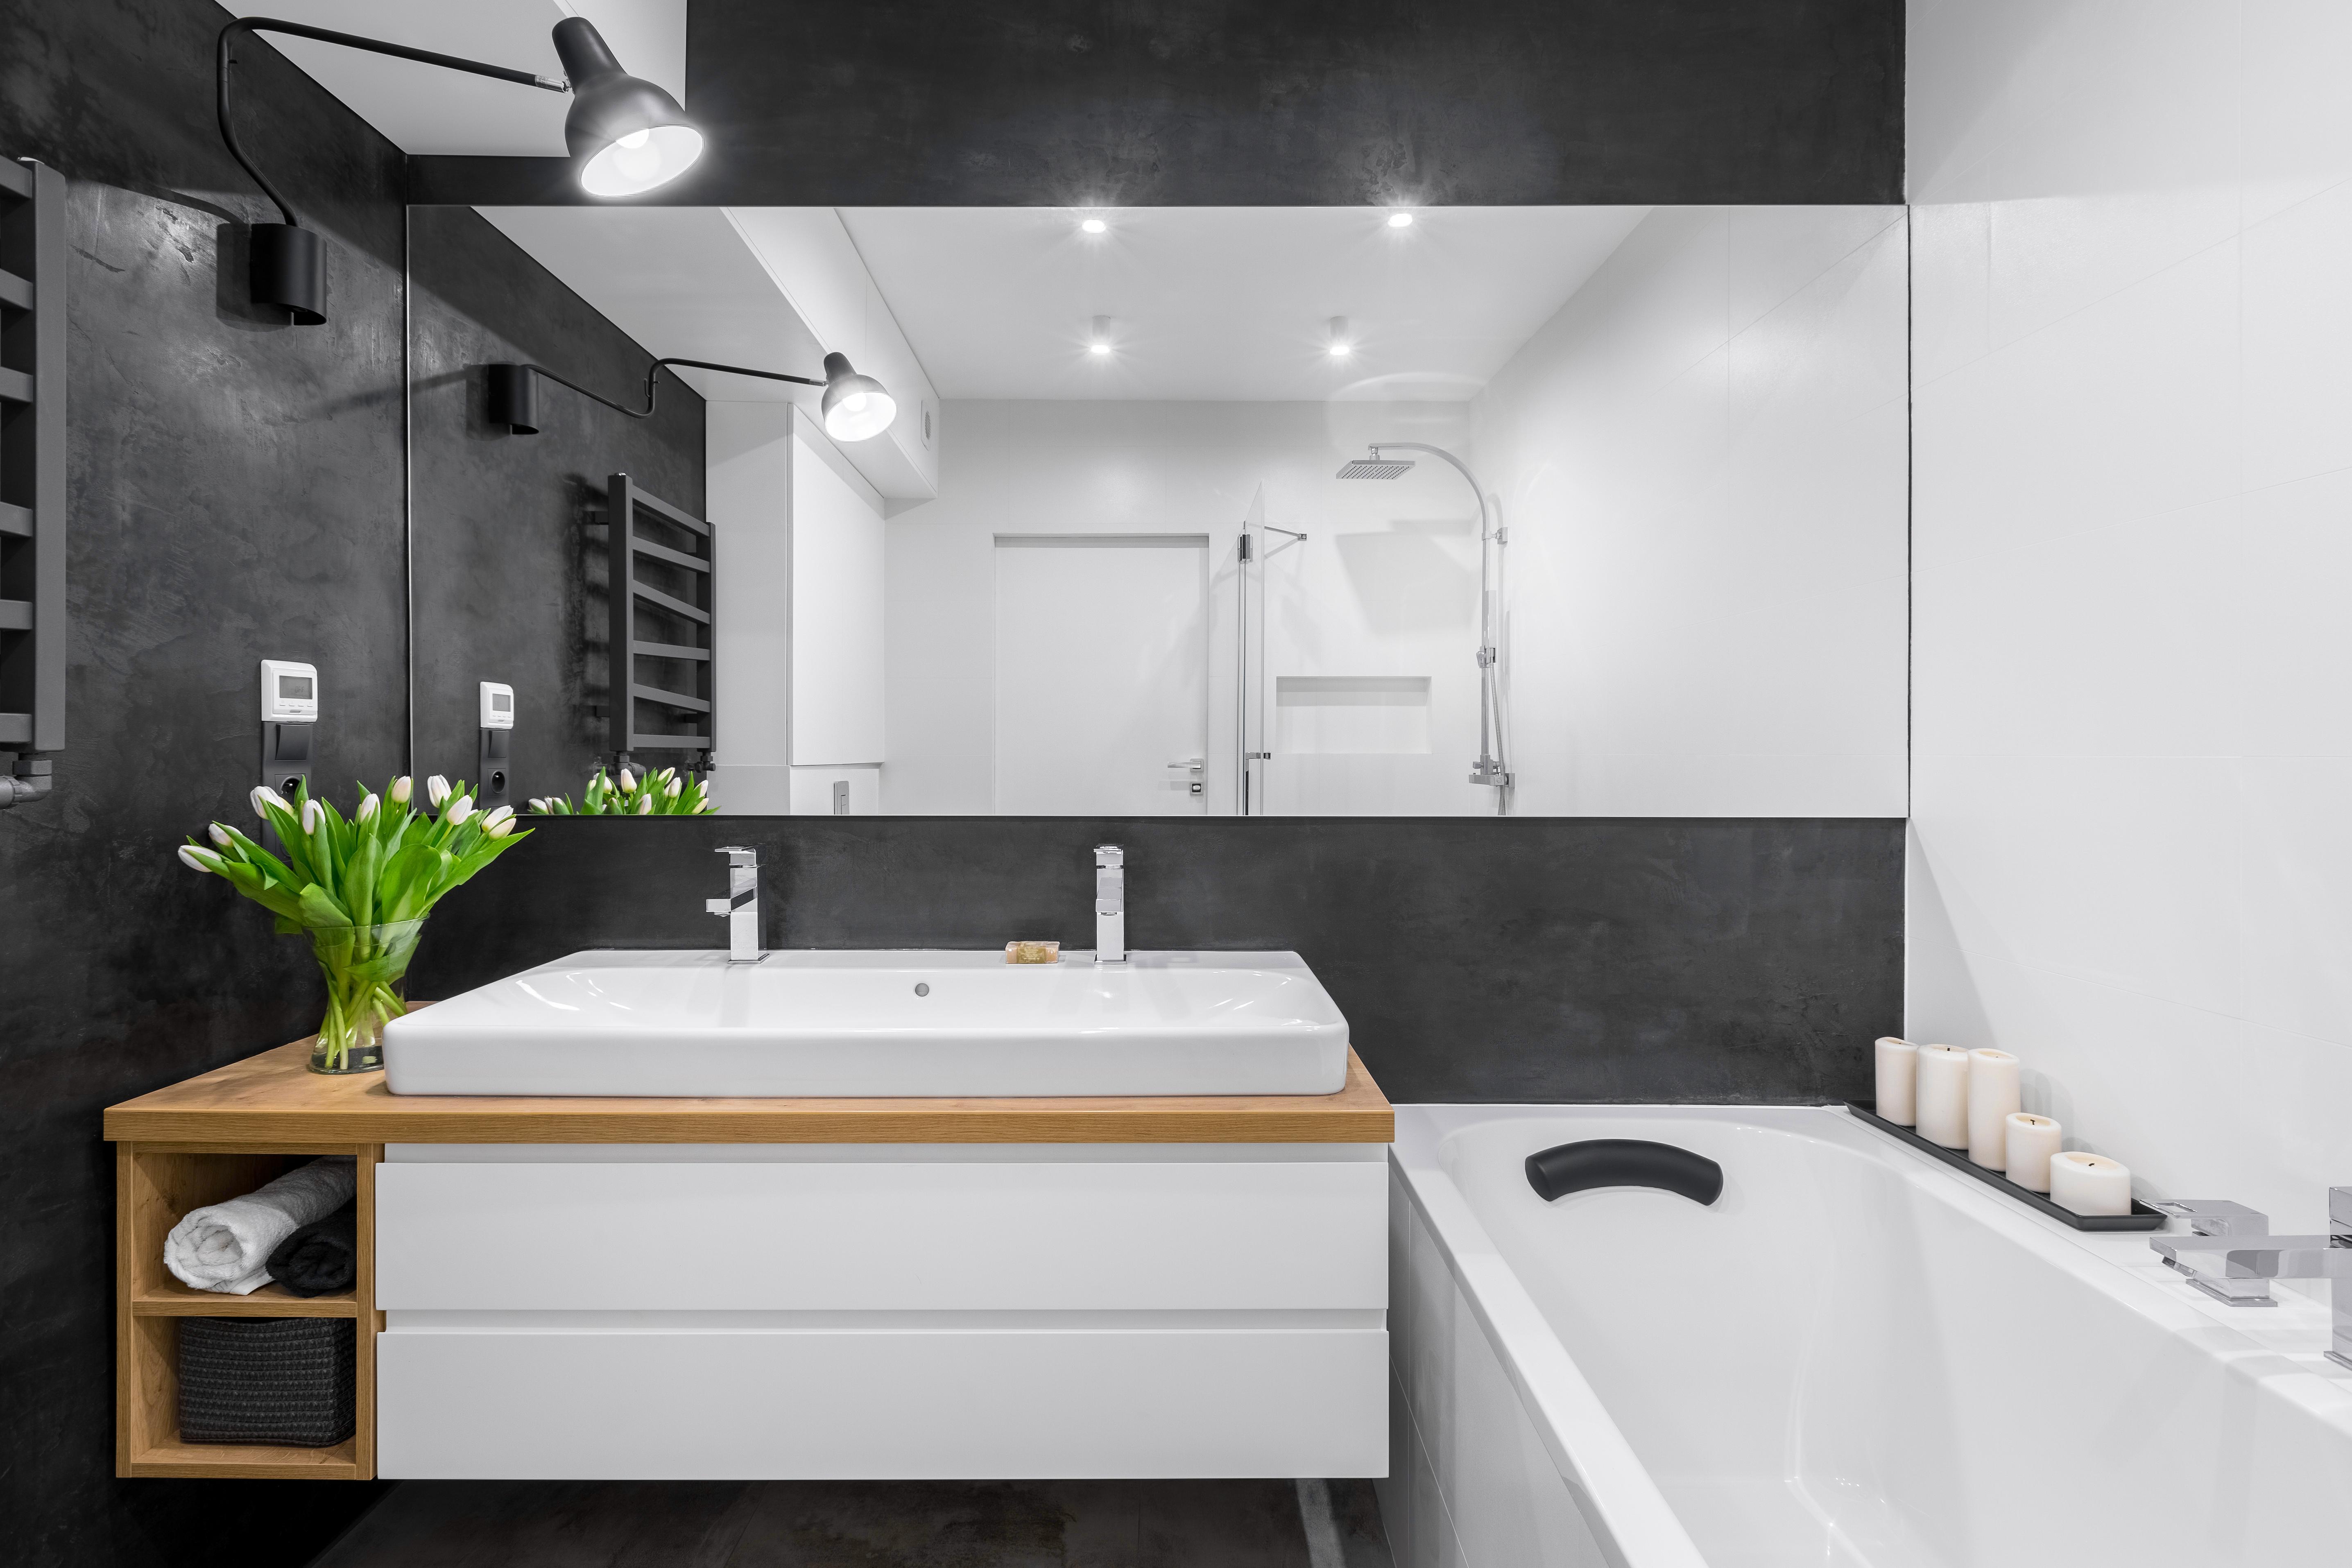 badkamer inrichten bad